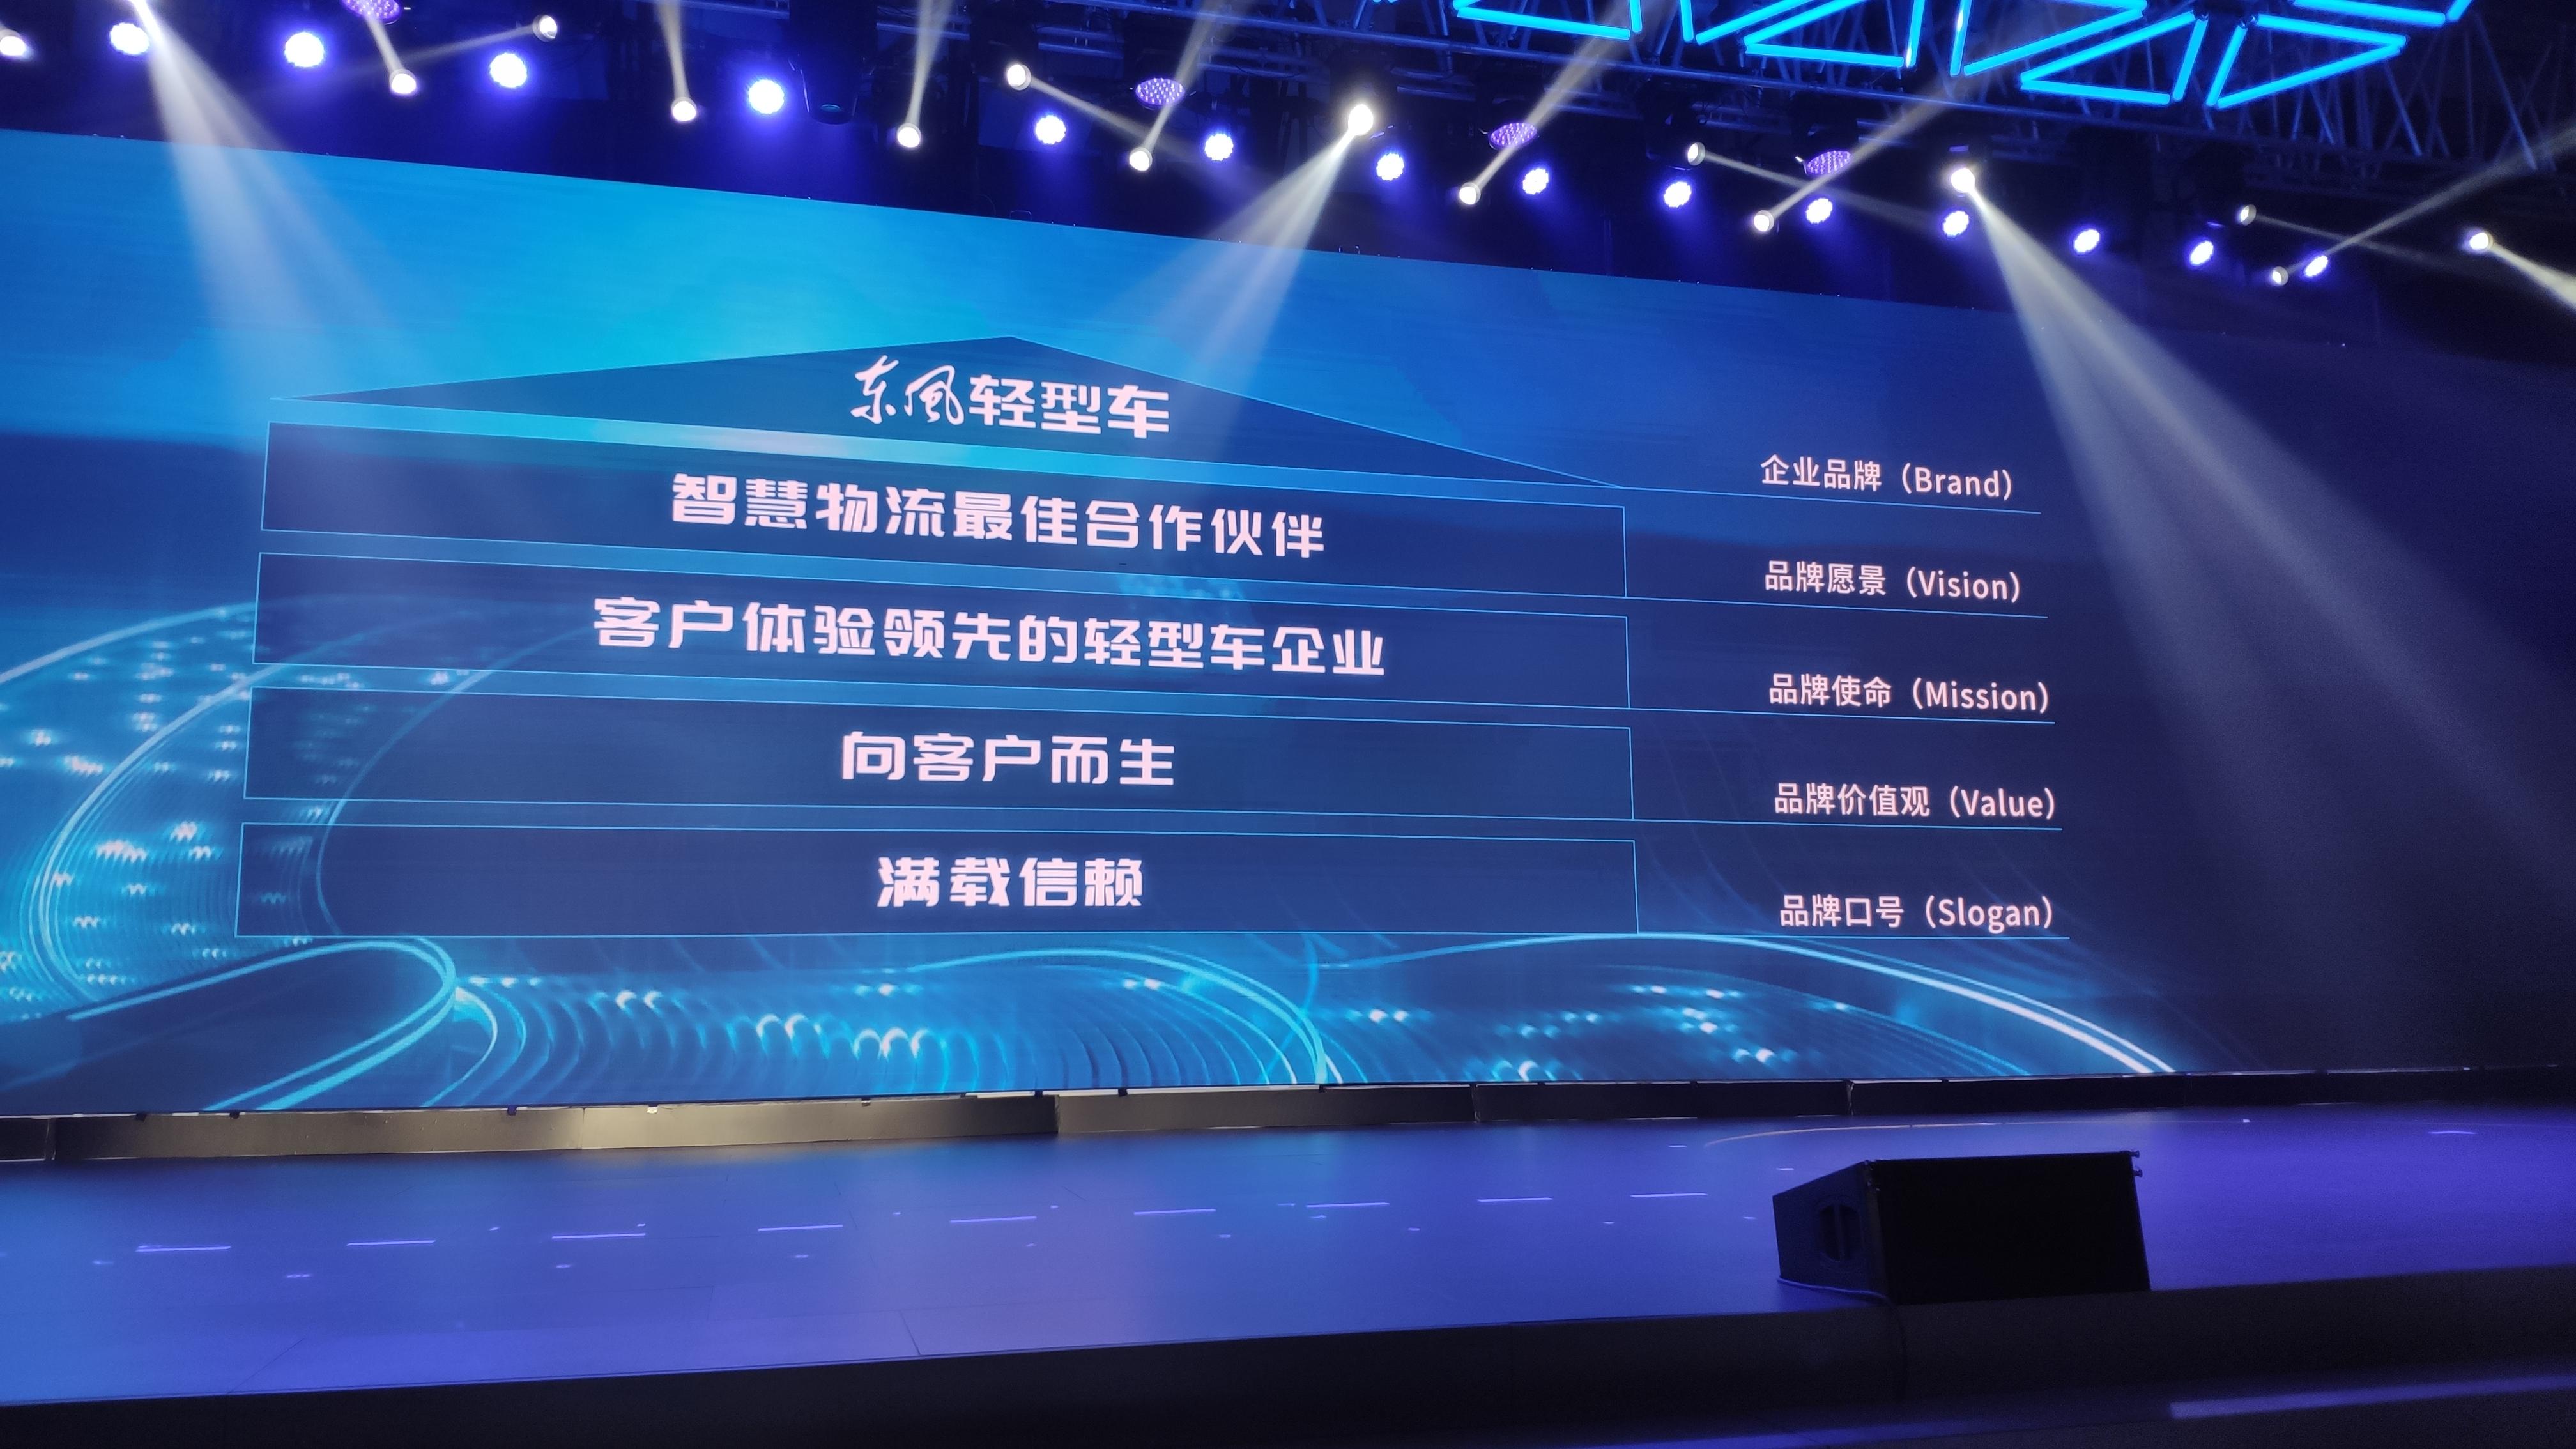 东风汽车发布品牌价值体系